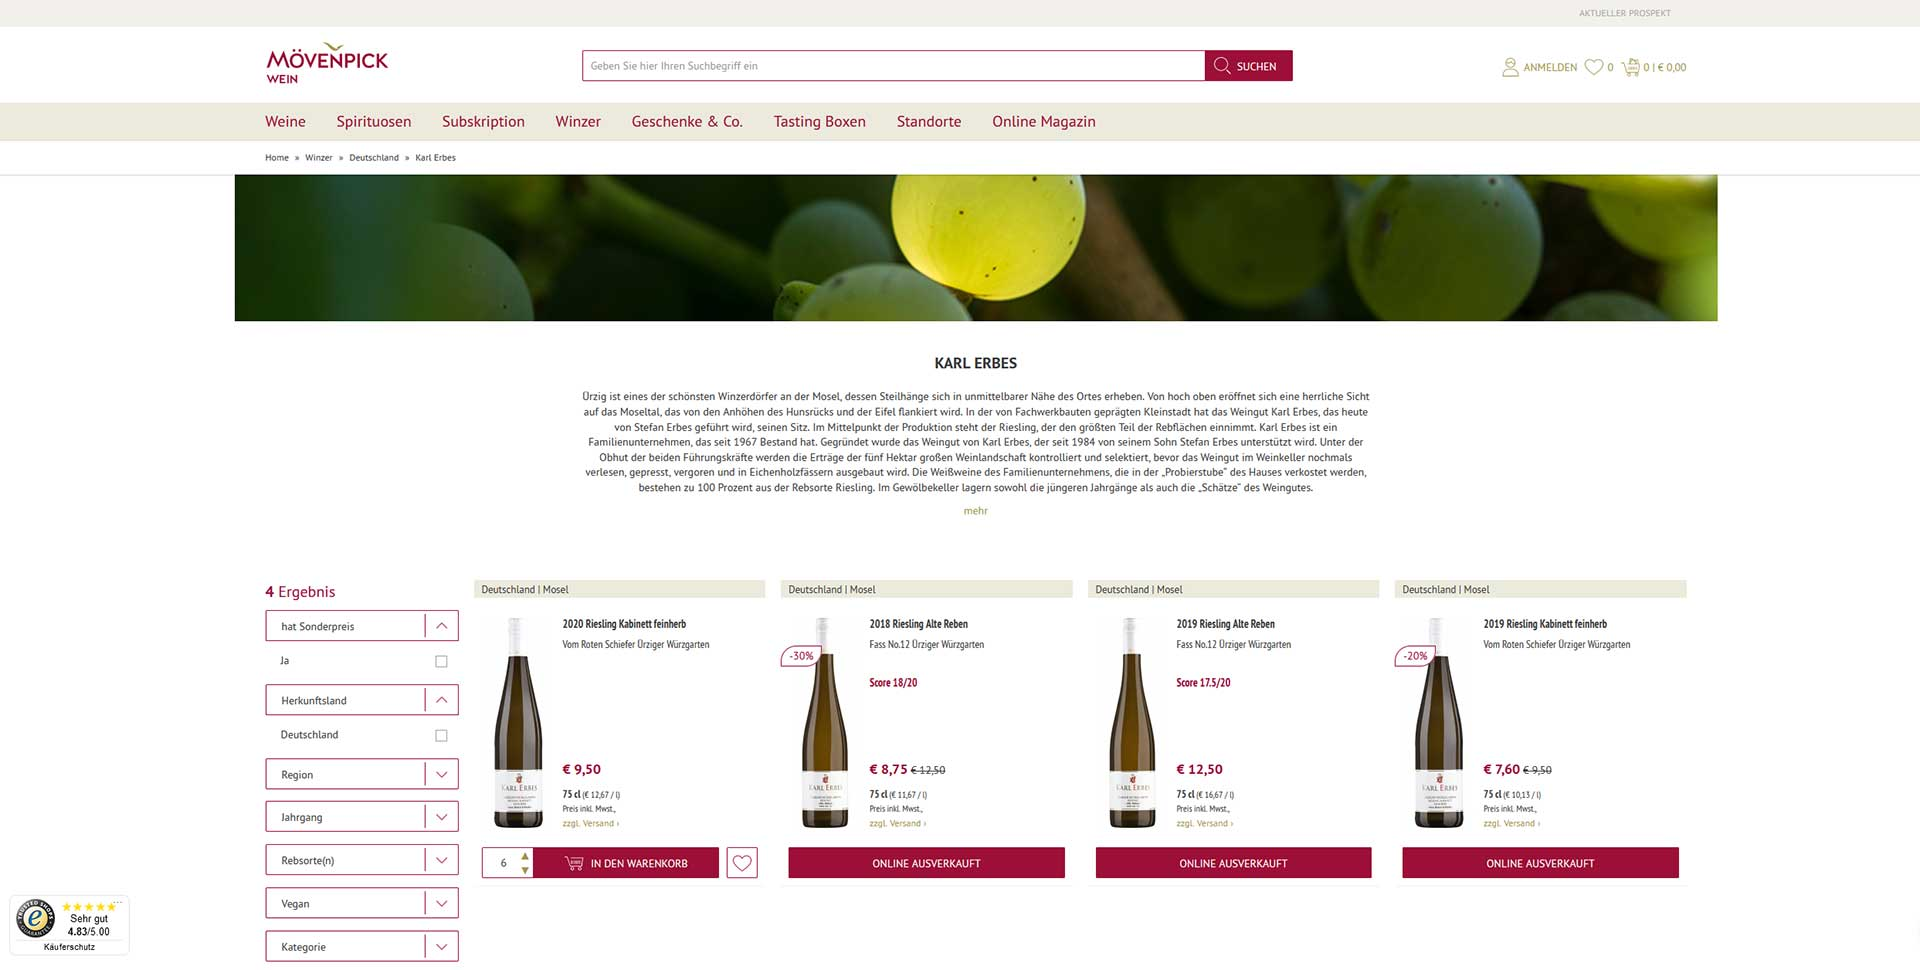 Mövenpick Wein